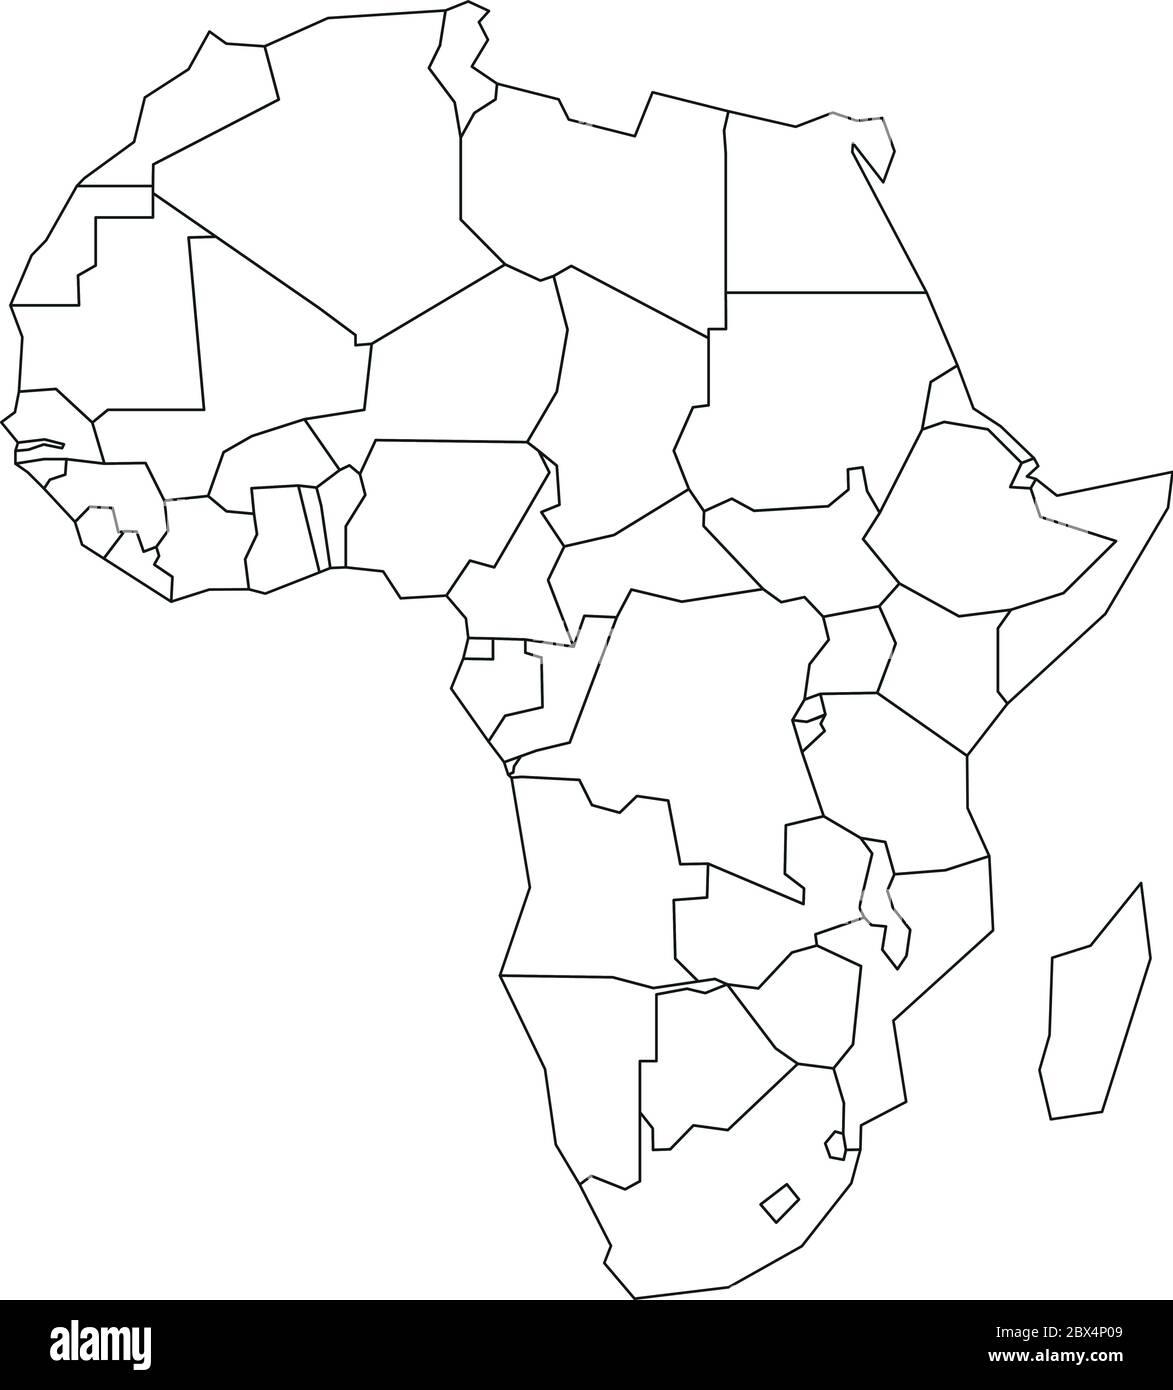 Cartina Dell Africa In Bianco E Nero.Mappa Politica Dell Africa Contorno A Reticolo Nero Semplificato Illustrazione Vettoriale Immagine E Vettoriale Alamy